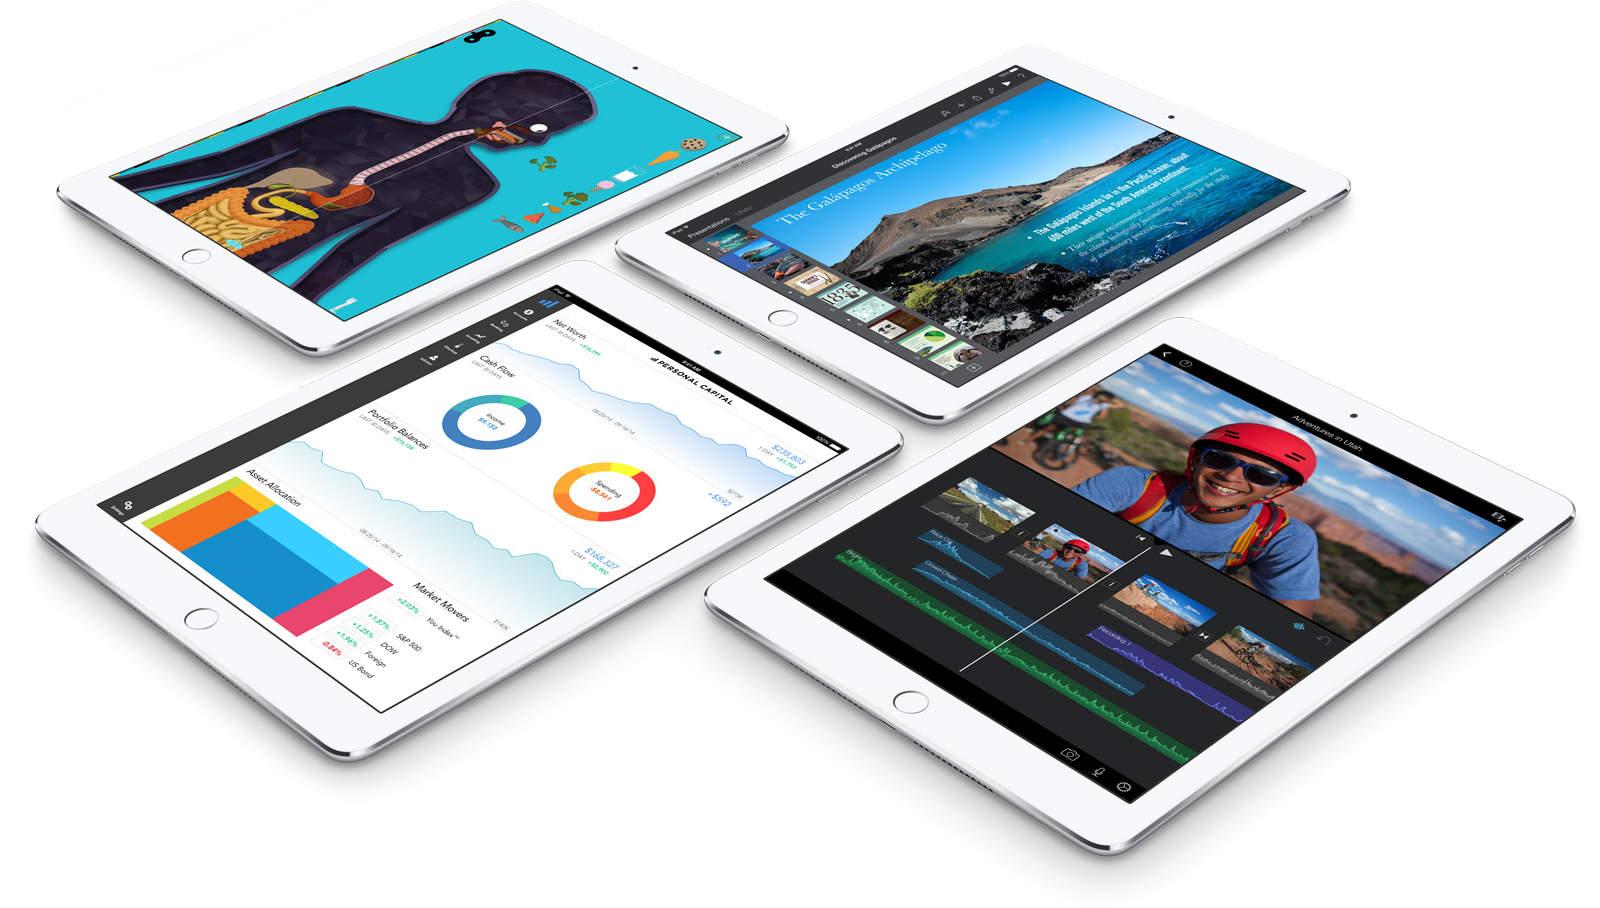 ipad-stylus-creation-apps